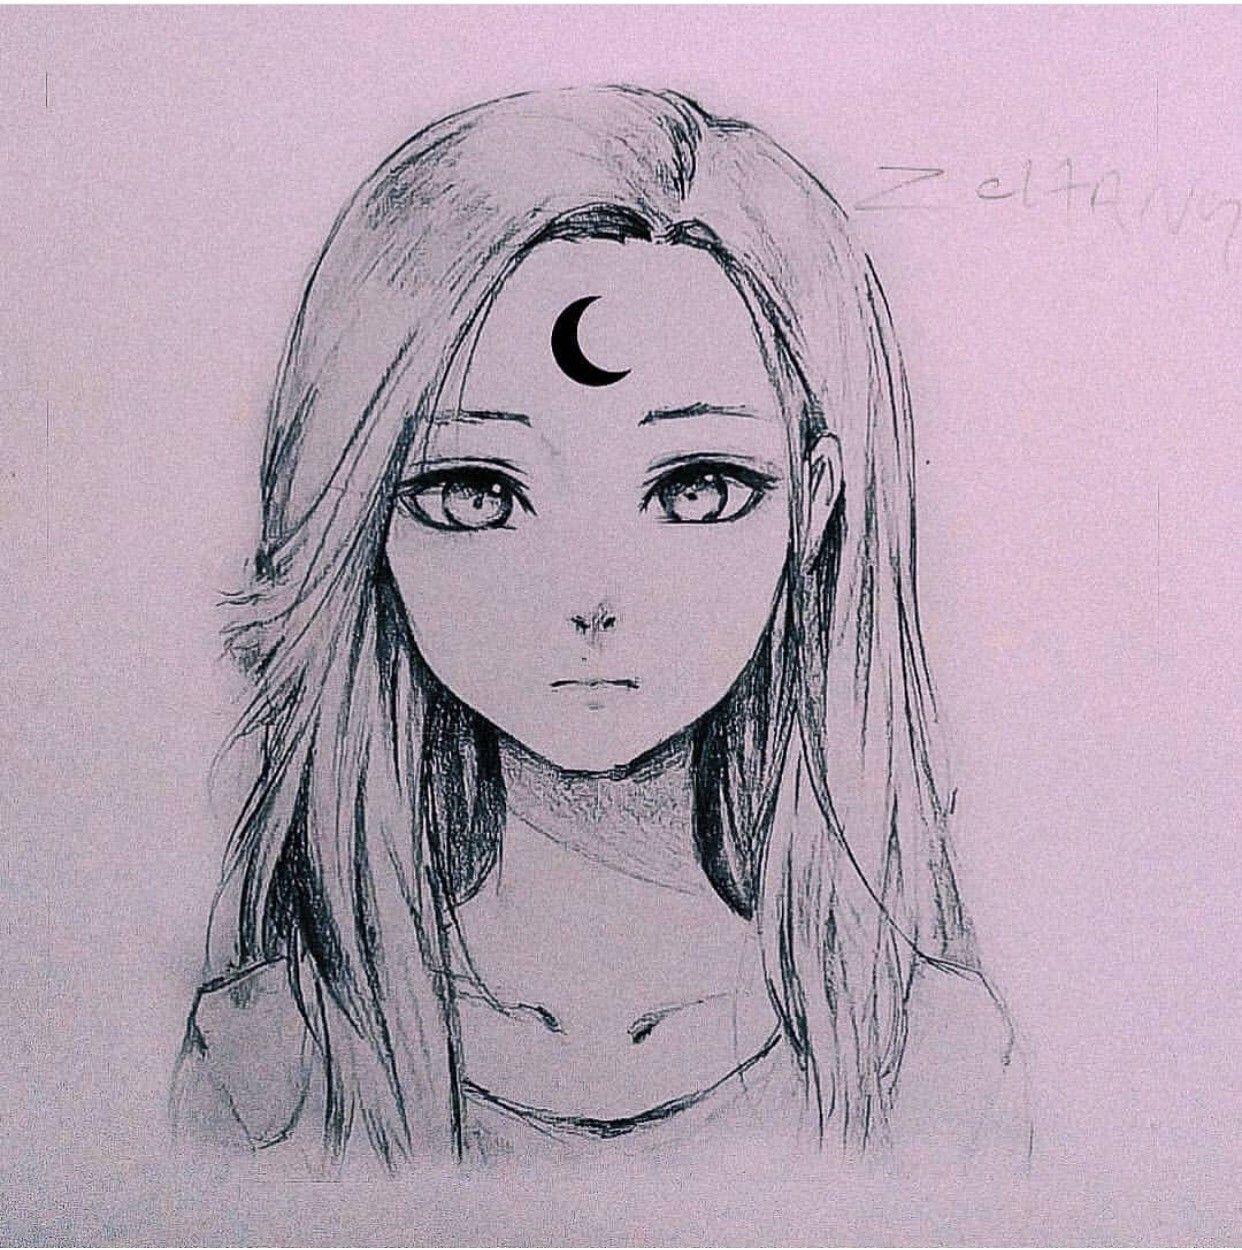 Картинки девушек легкие для срисовки без глаз и рта